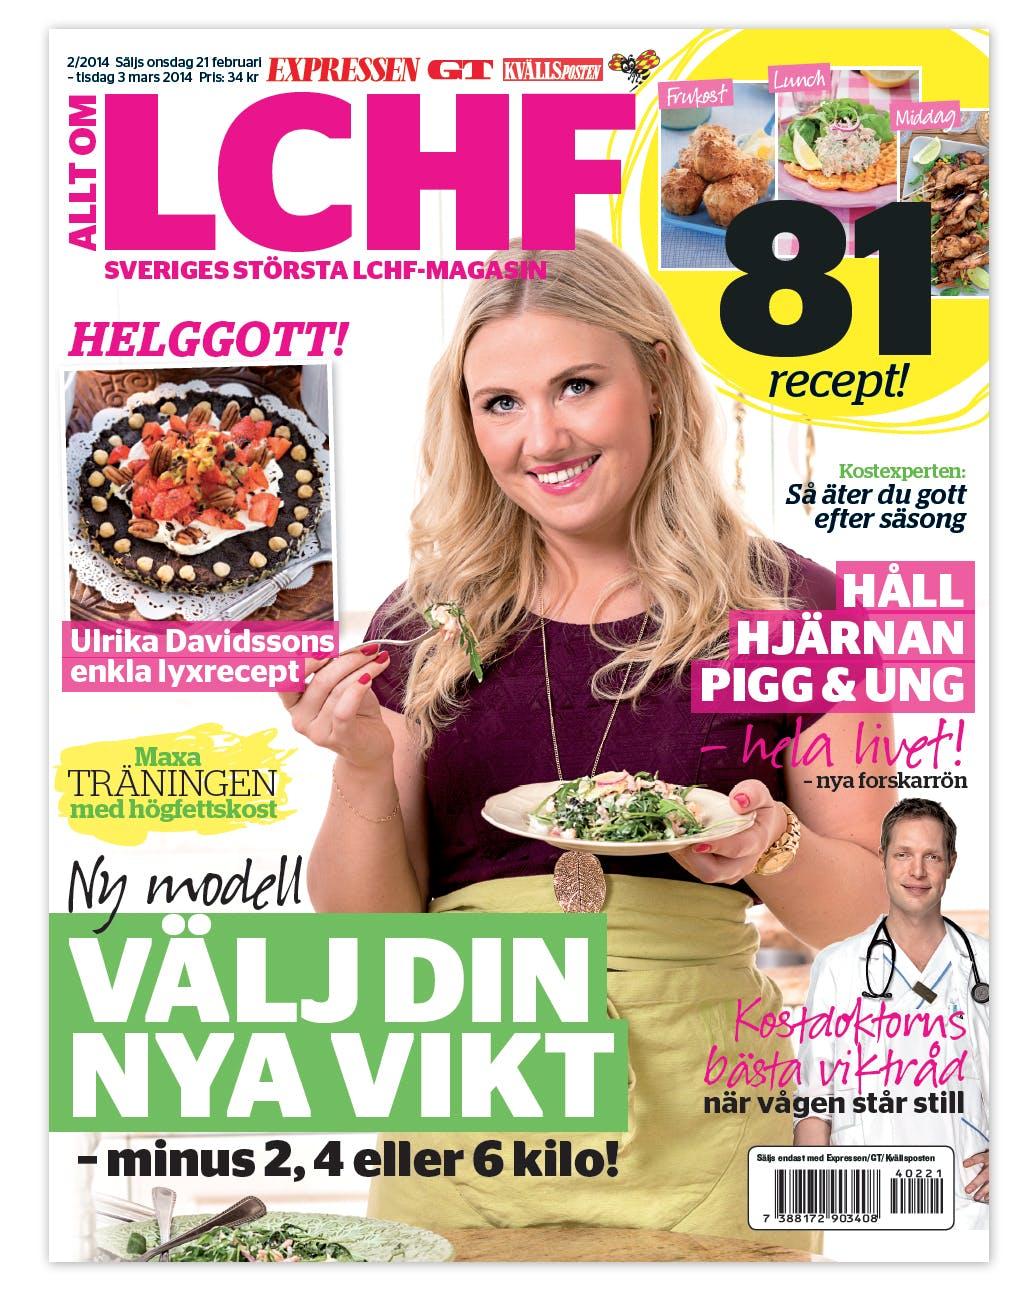 Extra miljövänlig LCHF i Expressens senaste bilaga